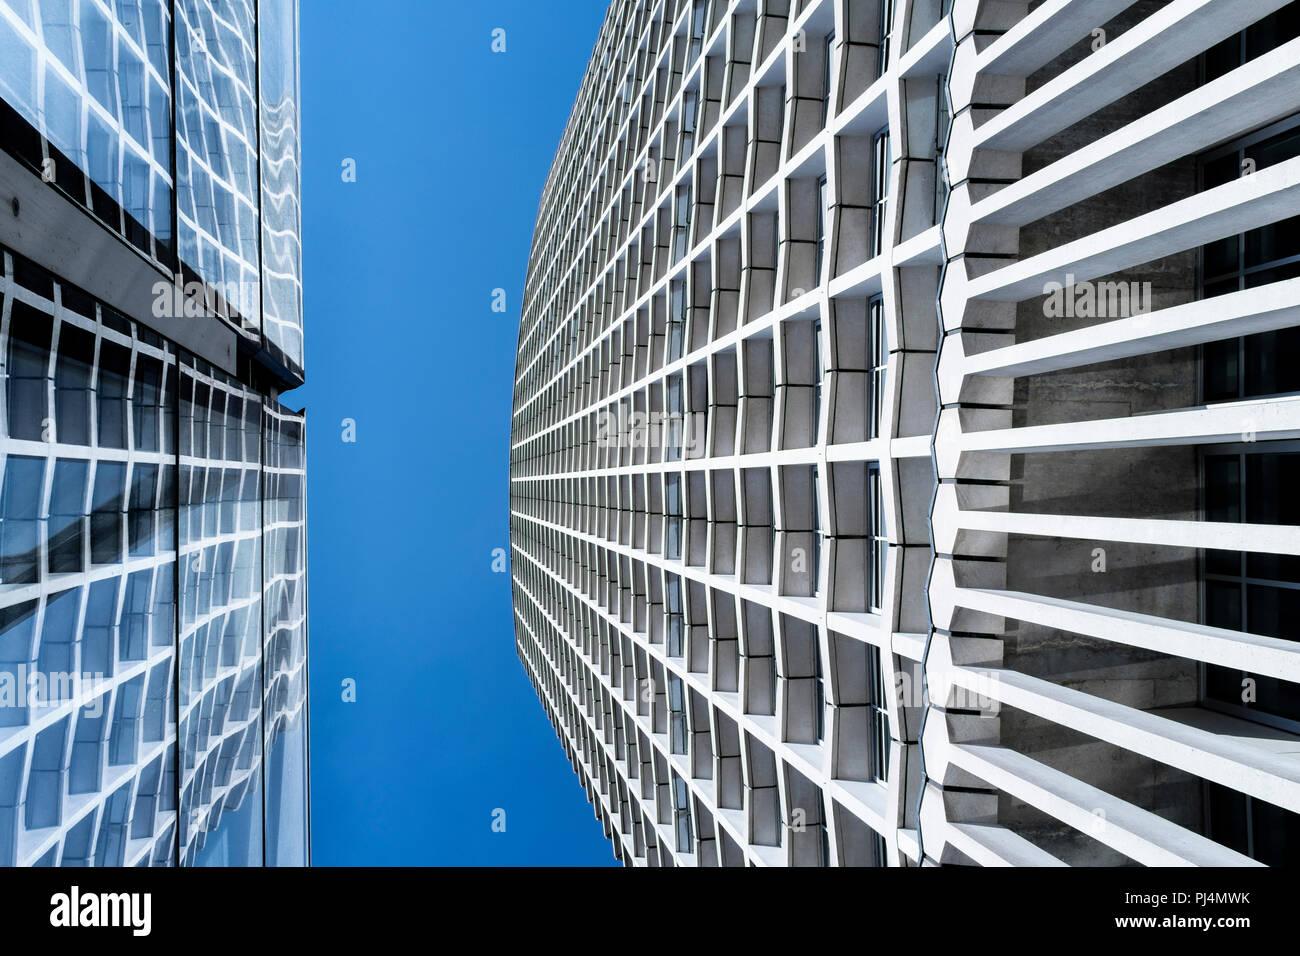 Abstract architettura: Punto centrale edificio con riflessione nella facciata di vetro di Tottenham Court Road stazione della metropolitana di Londra, Regno Unito Foto Stock